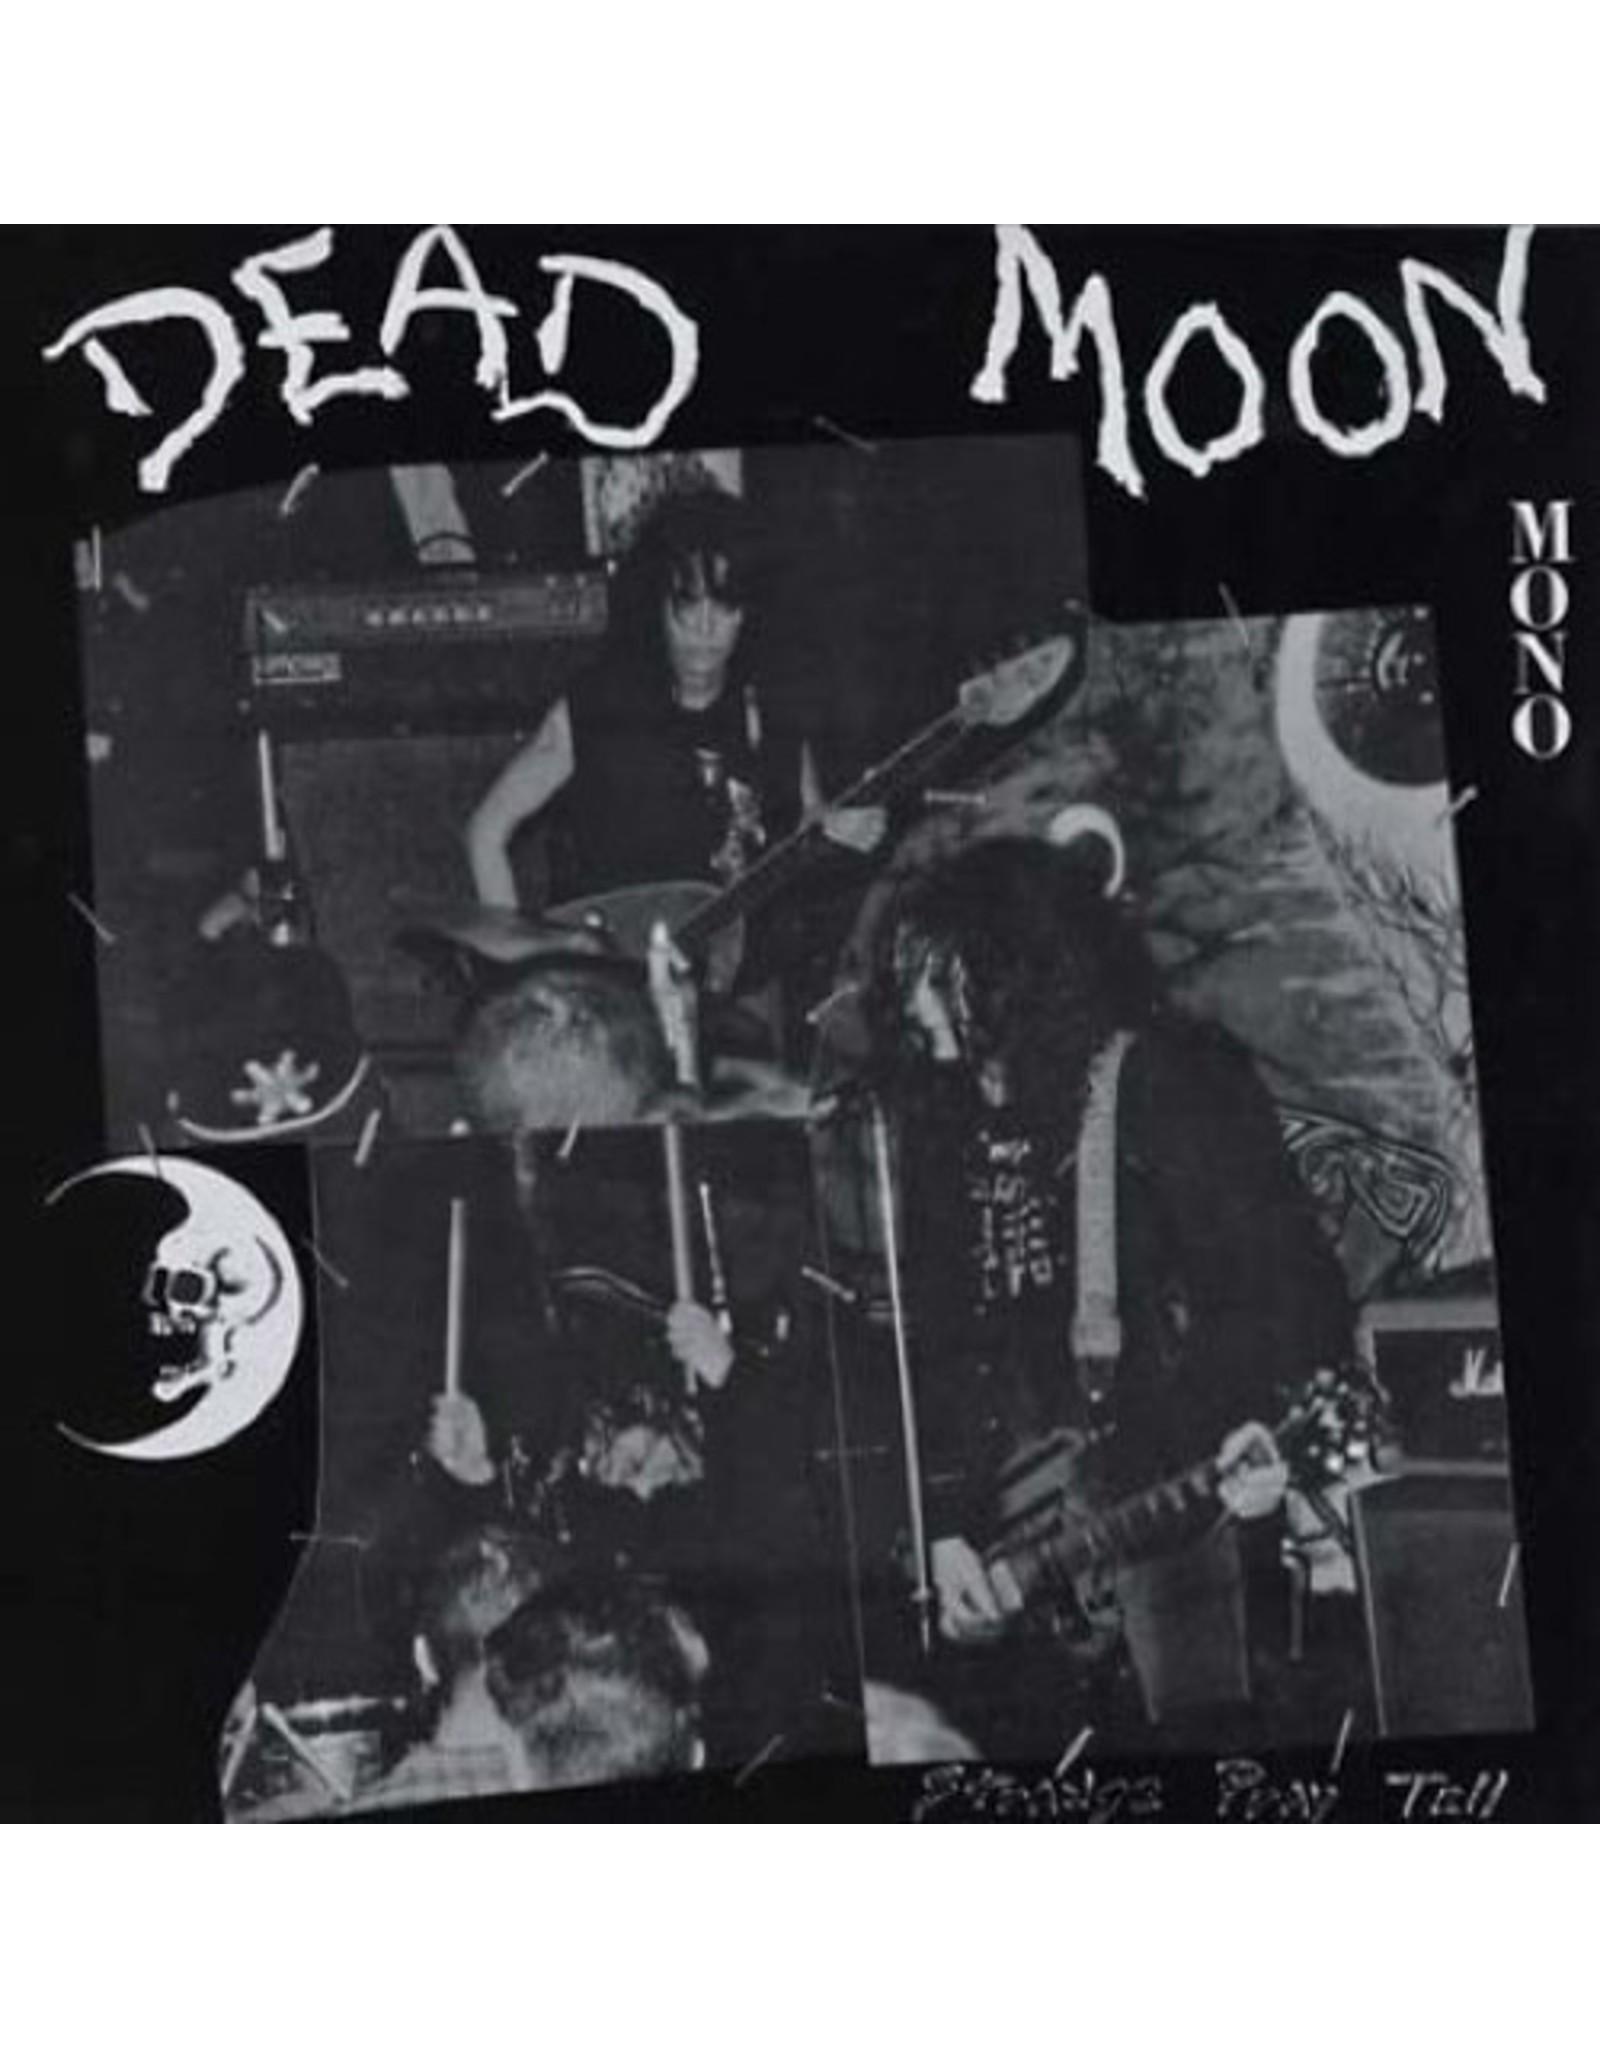 New Vinyl Dead Moon - Strange Pray Tell LP